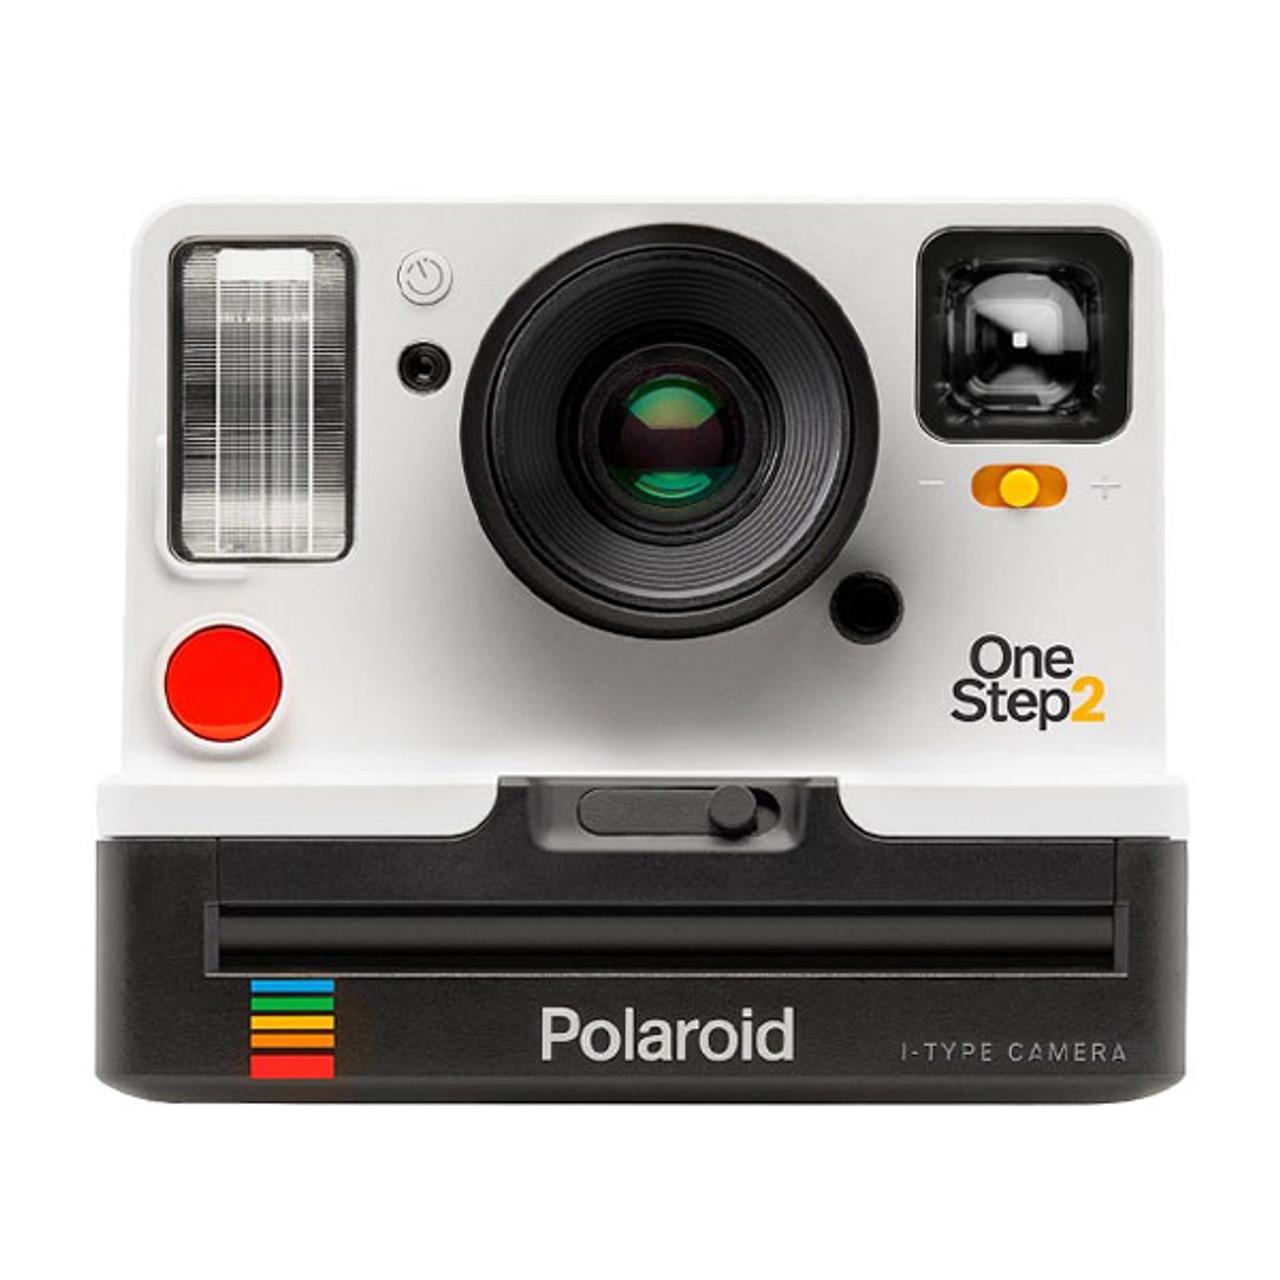 Polaroid OneStep 2 Viewfinder i-Type Camera (White)